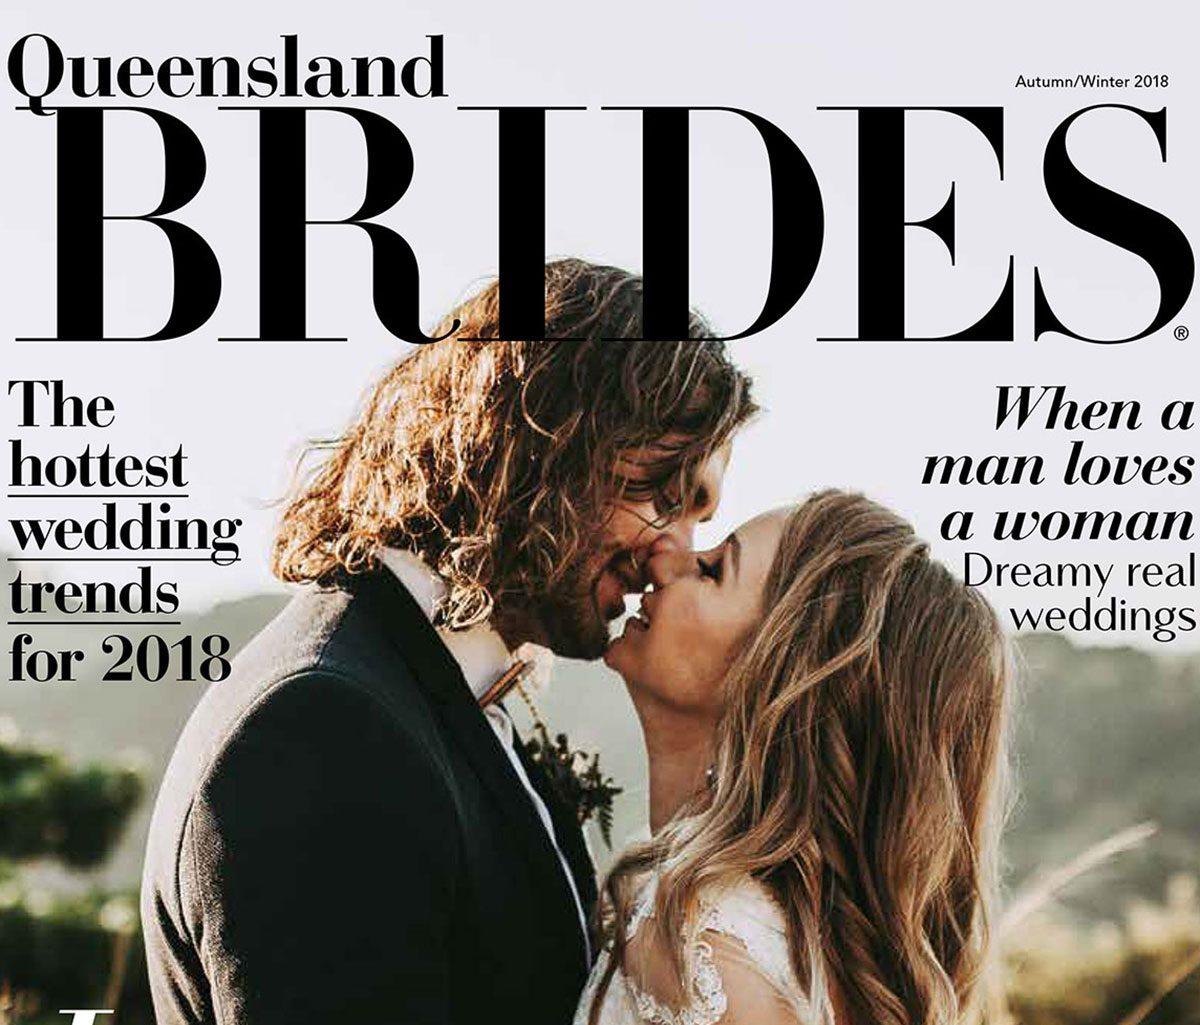 Autumn Winter 2018 issue of Queensland Brides magazine